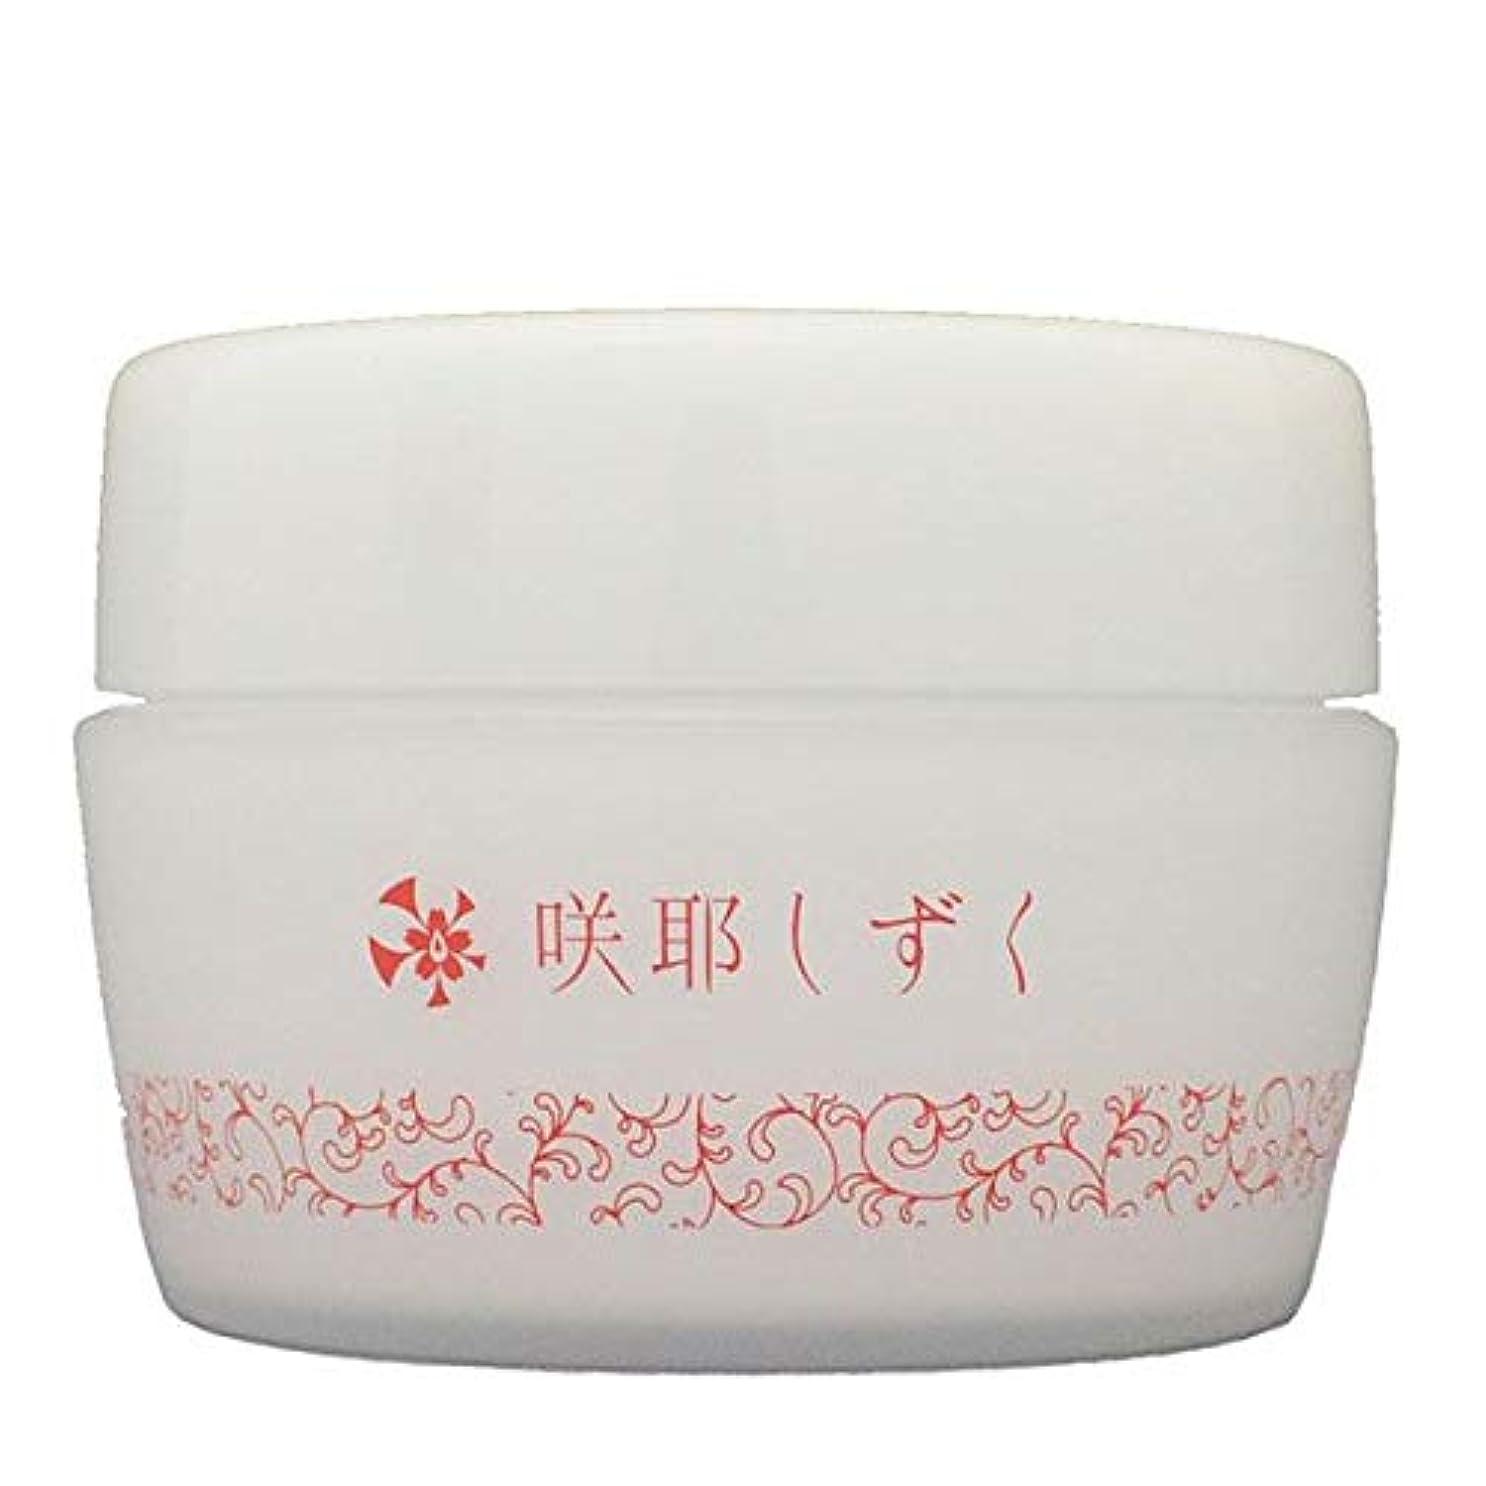 アナウンサー曲タップ咲耶しずく クリーム 乾燥肌 さくやしずく 敏感肌 エムズジャパン M's Japan ms-sge01